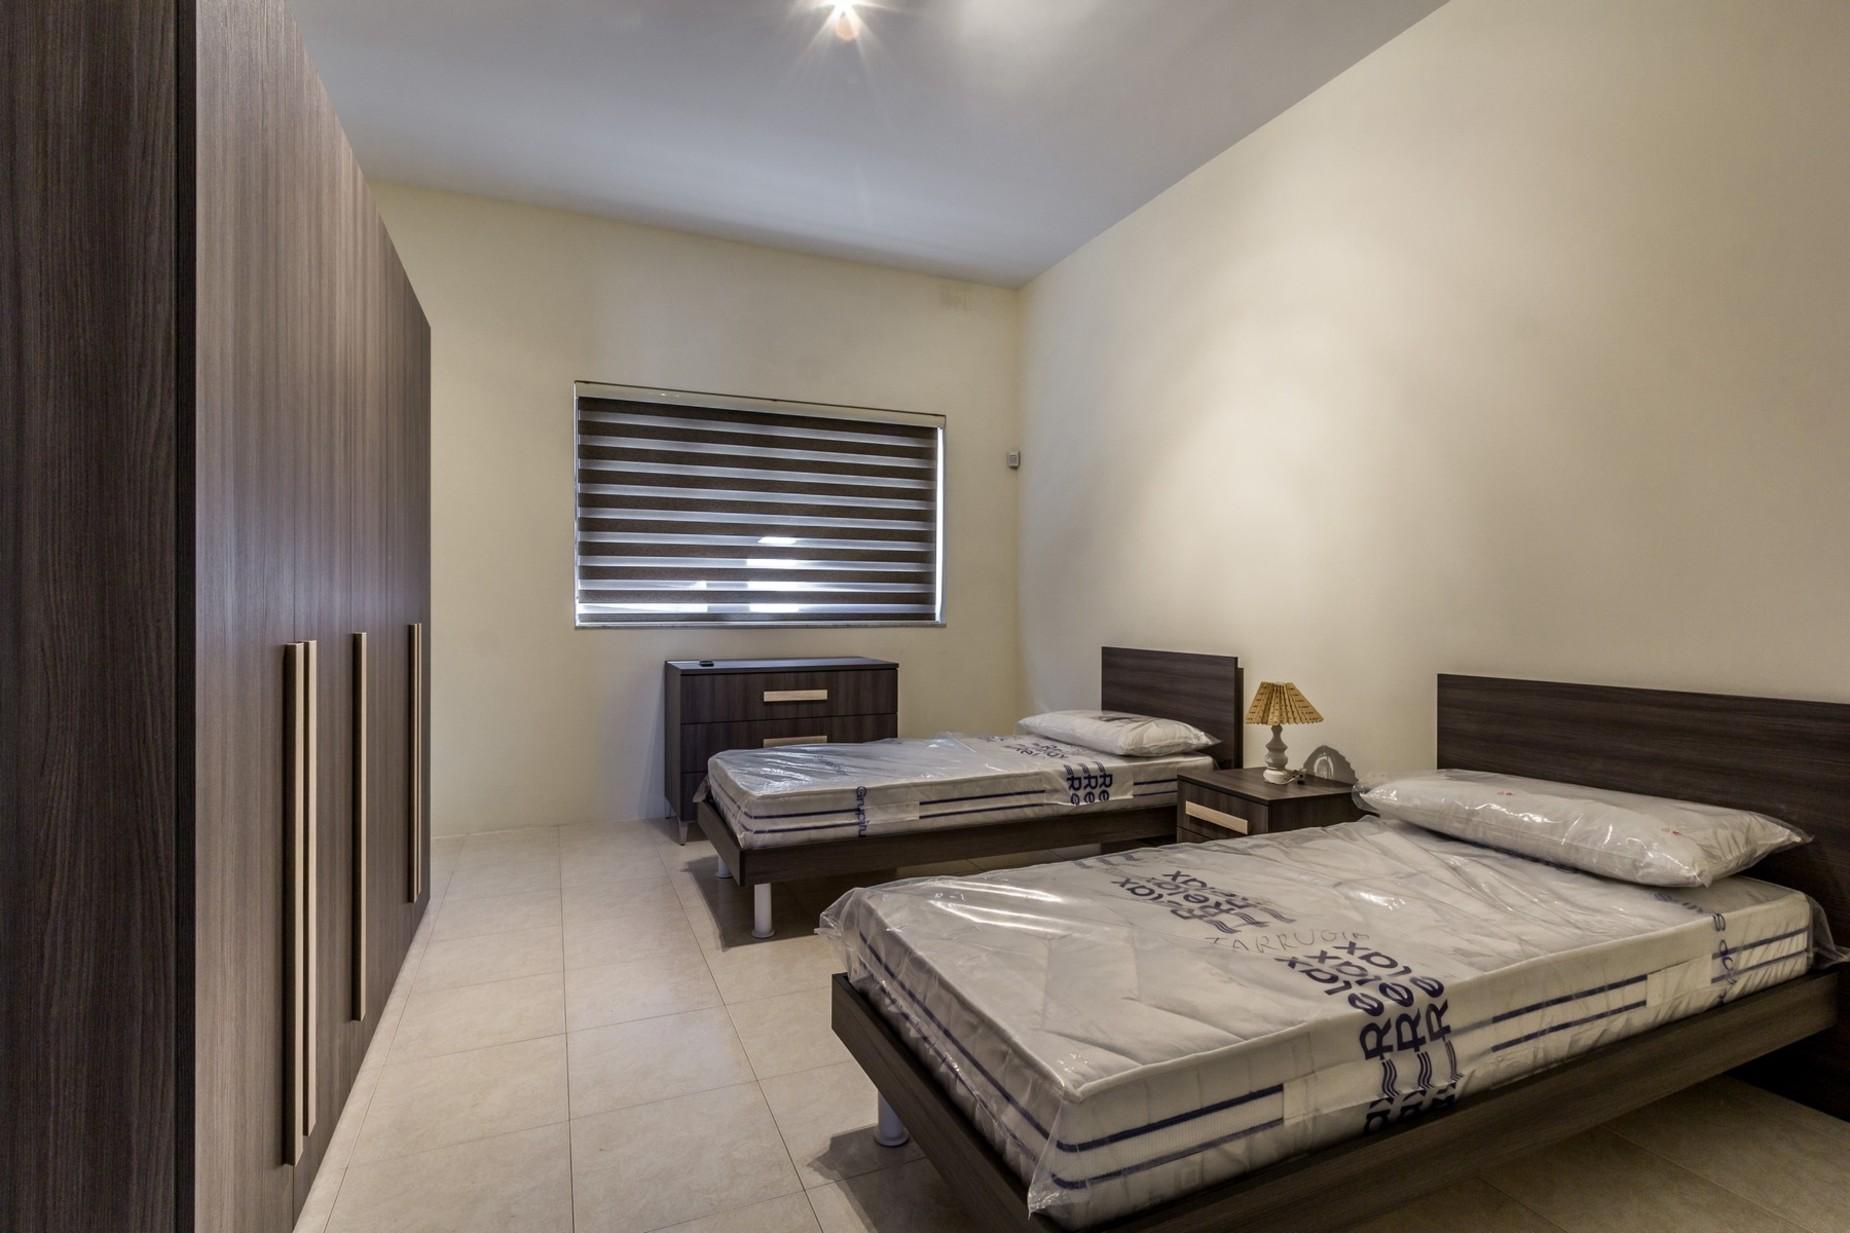 3 bed Villa For Rent in Rabat, Rabat - thumb 11